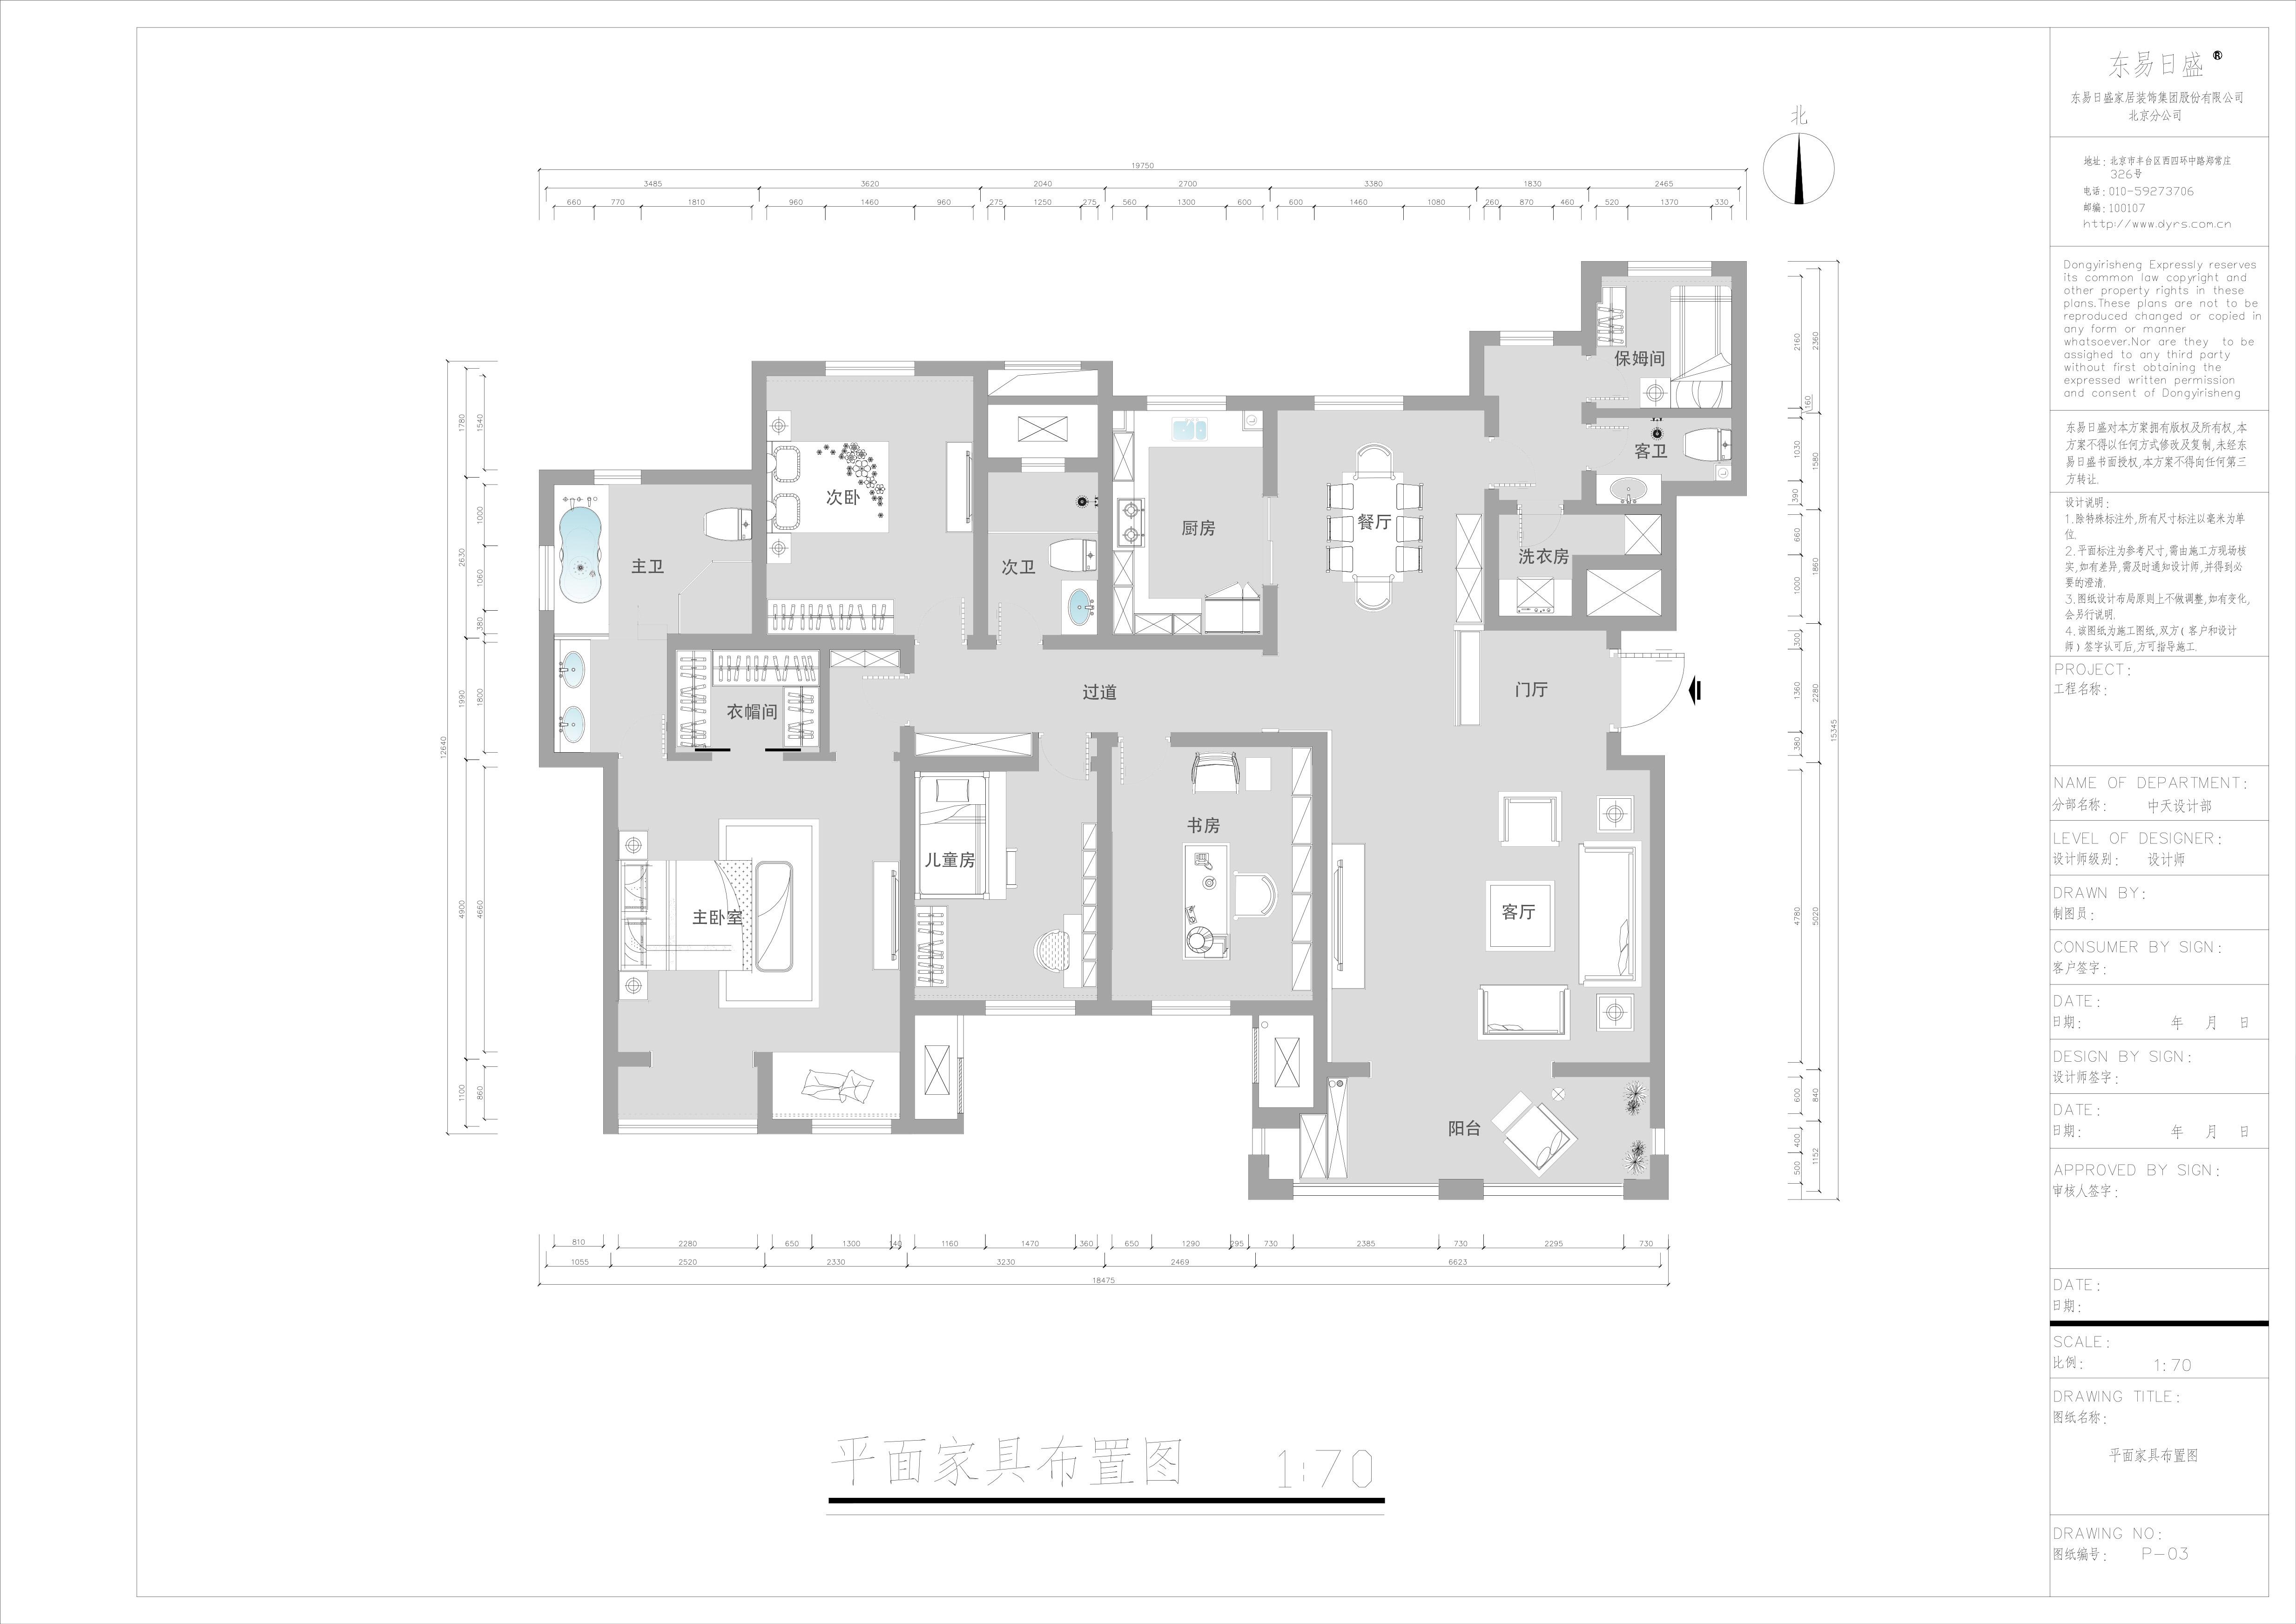 中海玖园-200m/2-东南亚性状style-装潢成果图装潢策划愿景